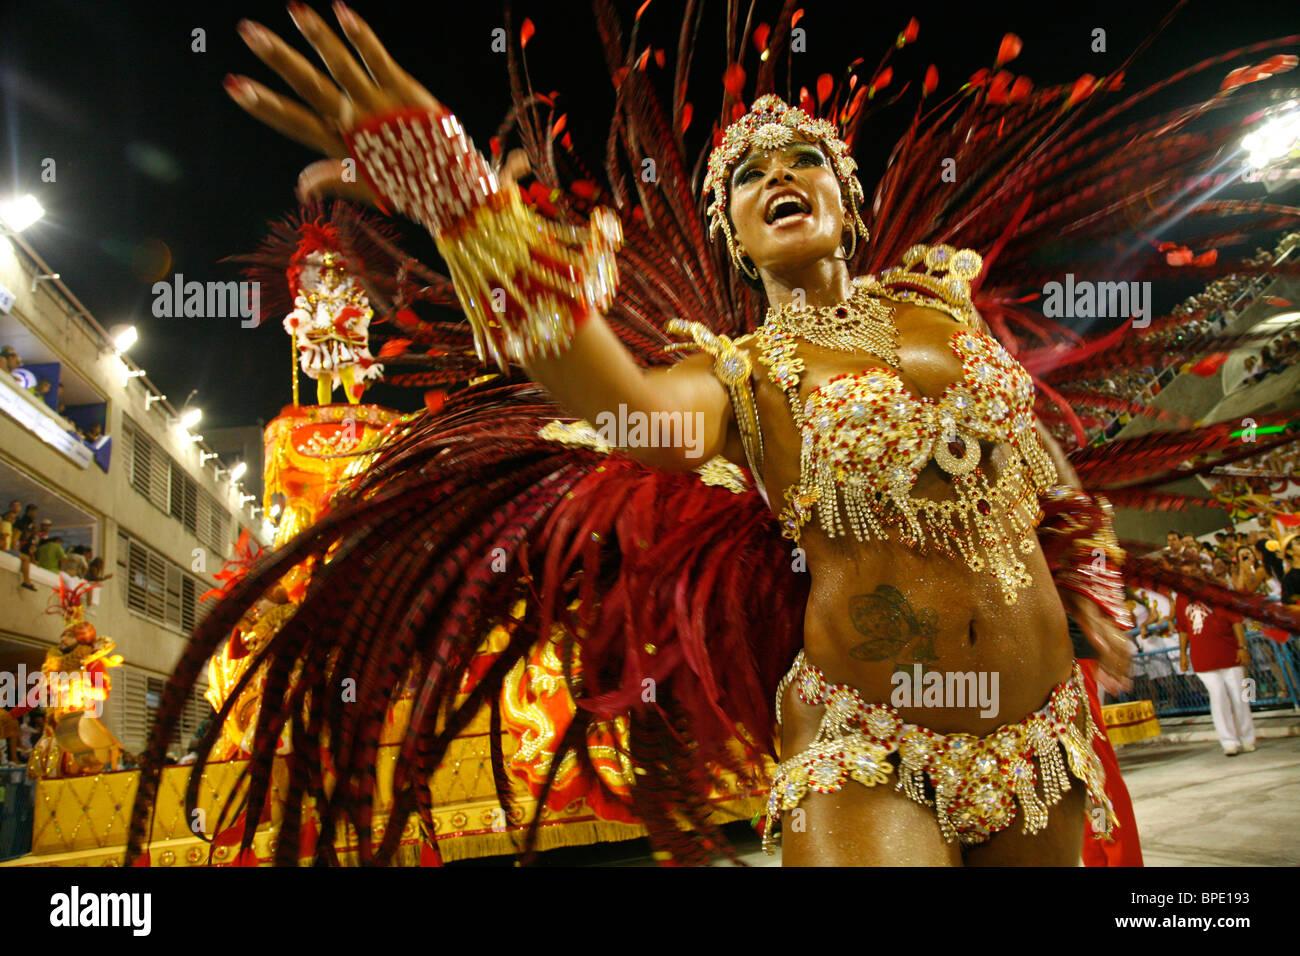 Sfilata di Carnevale al Sambodrome, 2010, Rio de janeiro, Brasile. Immagini Stock